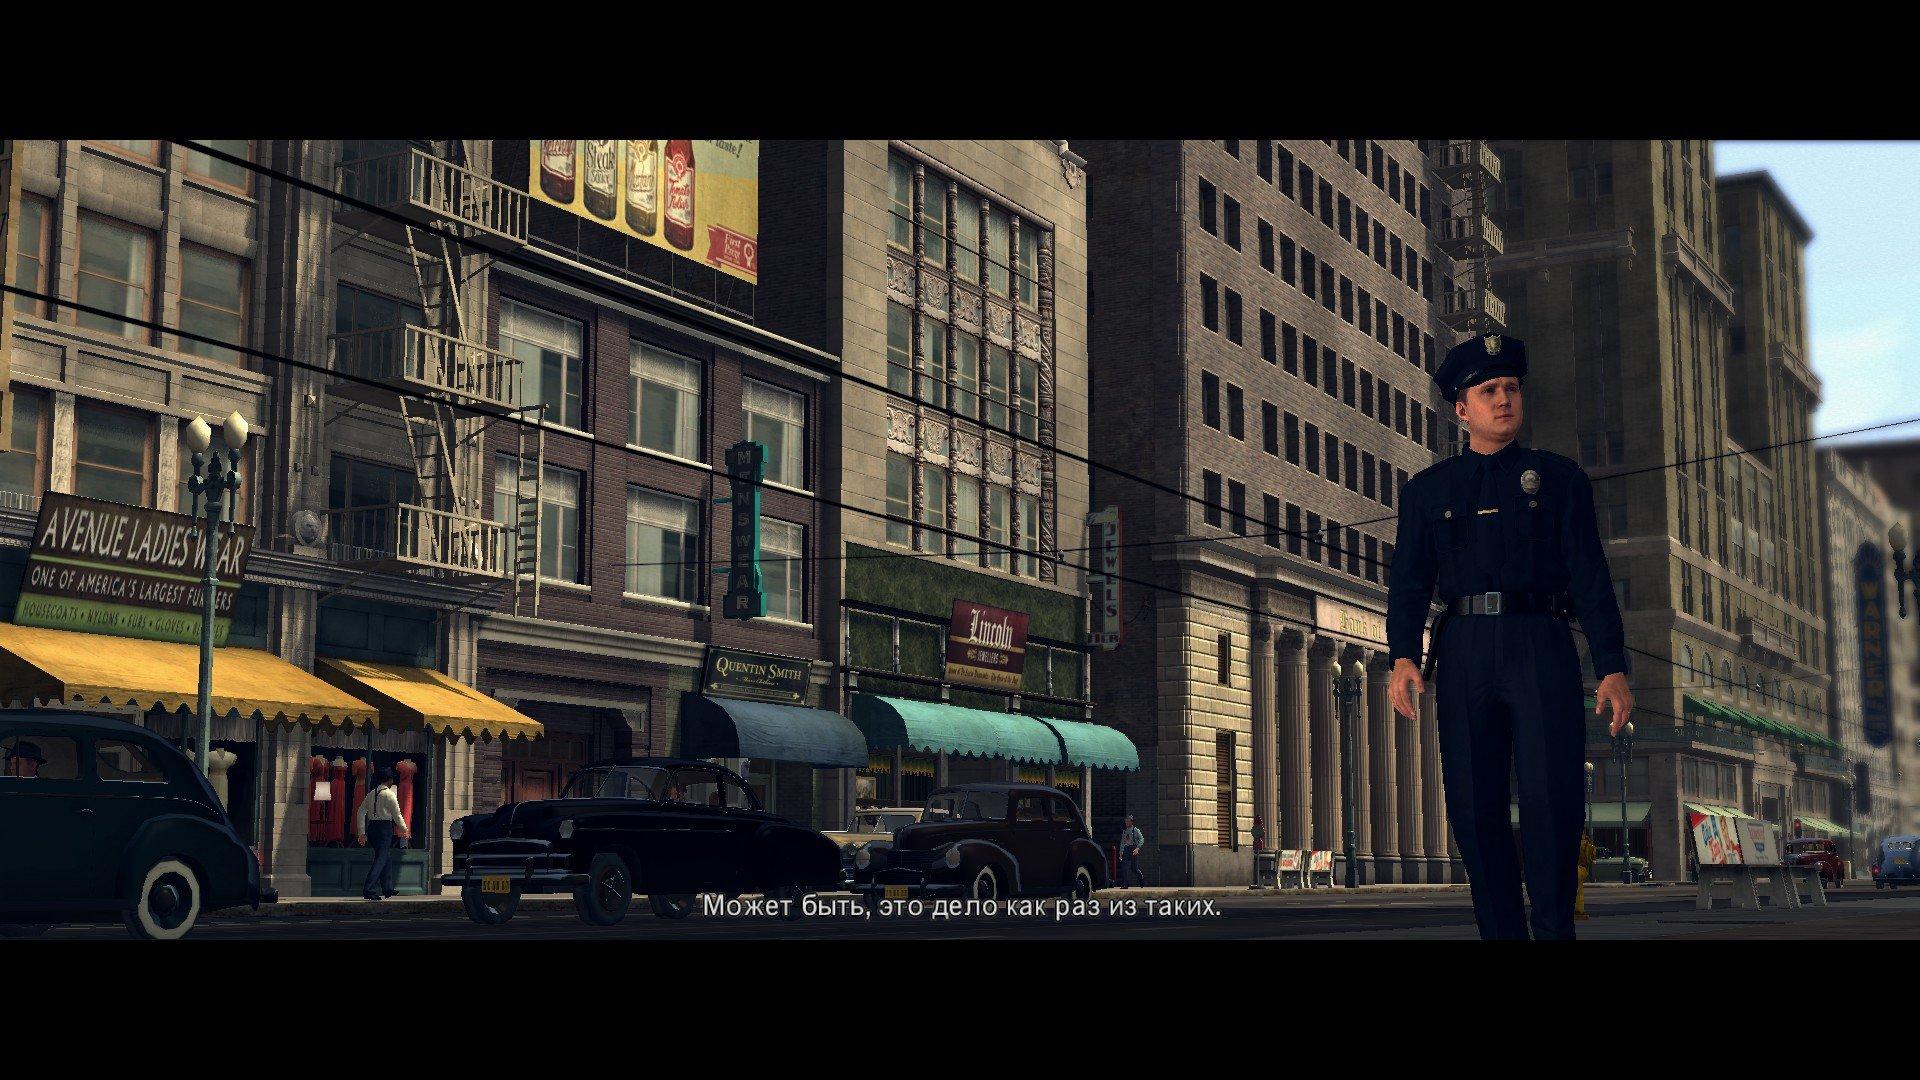 Пост-прохождение L.A. Noire Часть 2 - Изображение 4